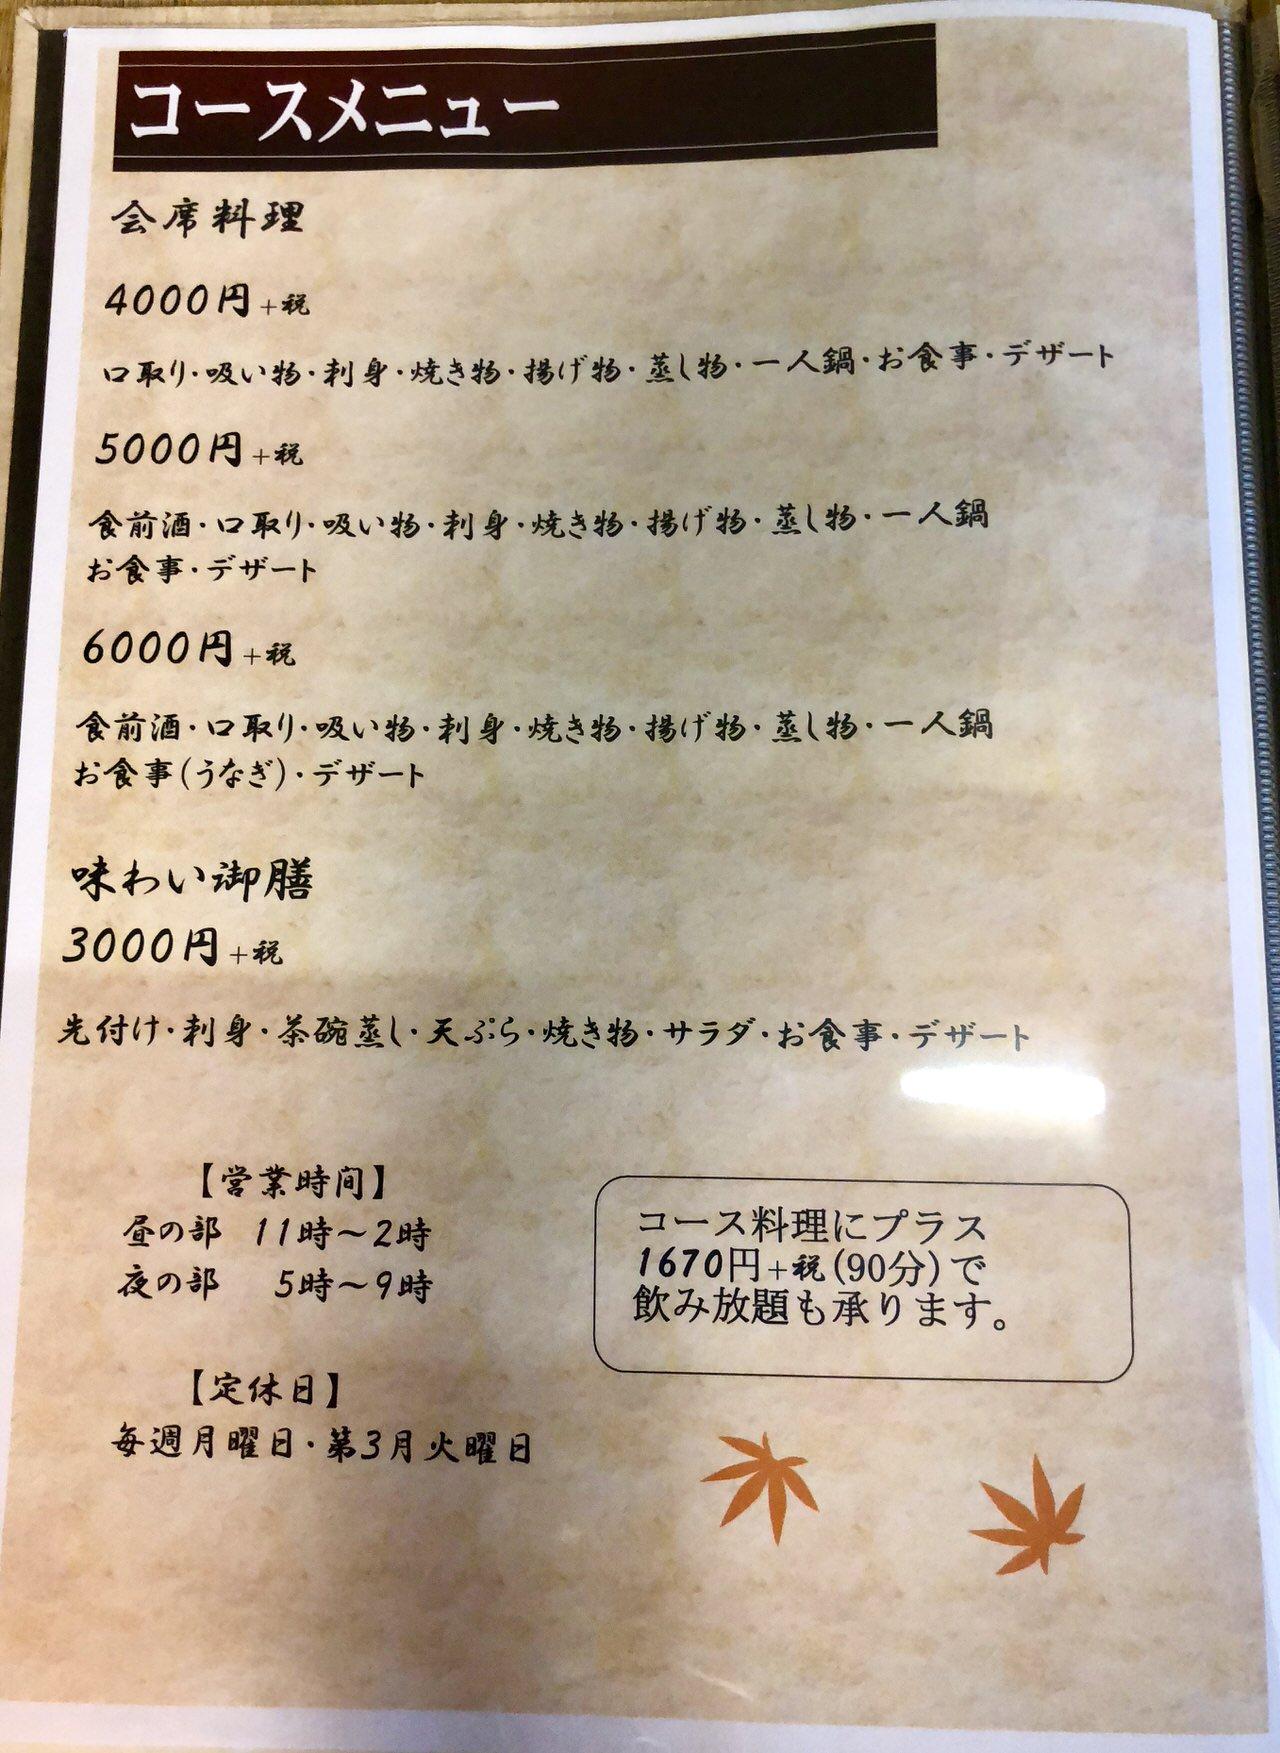 岩村駅前の食事処、和風レストランかわいの会席コースメニュー表